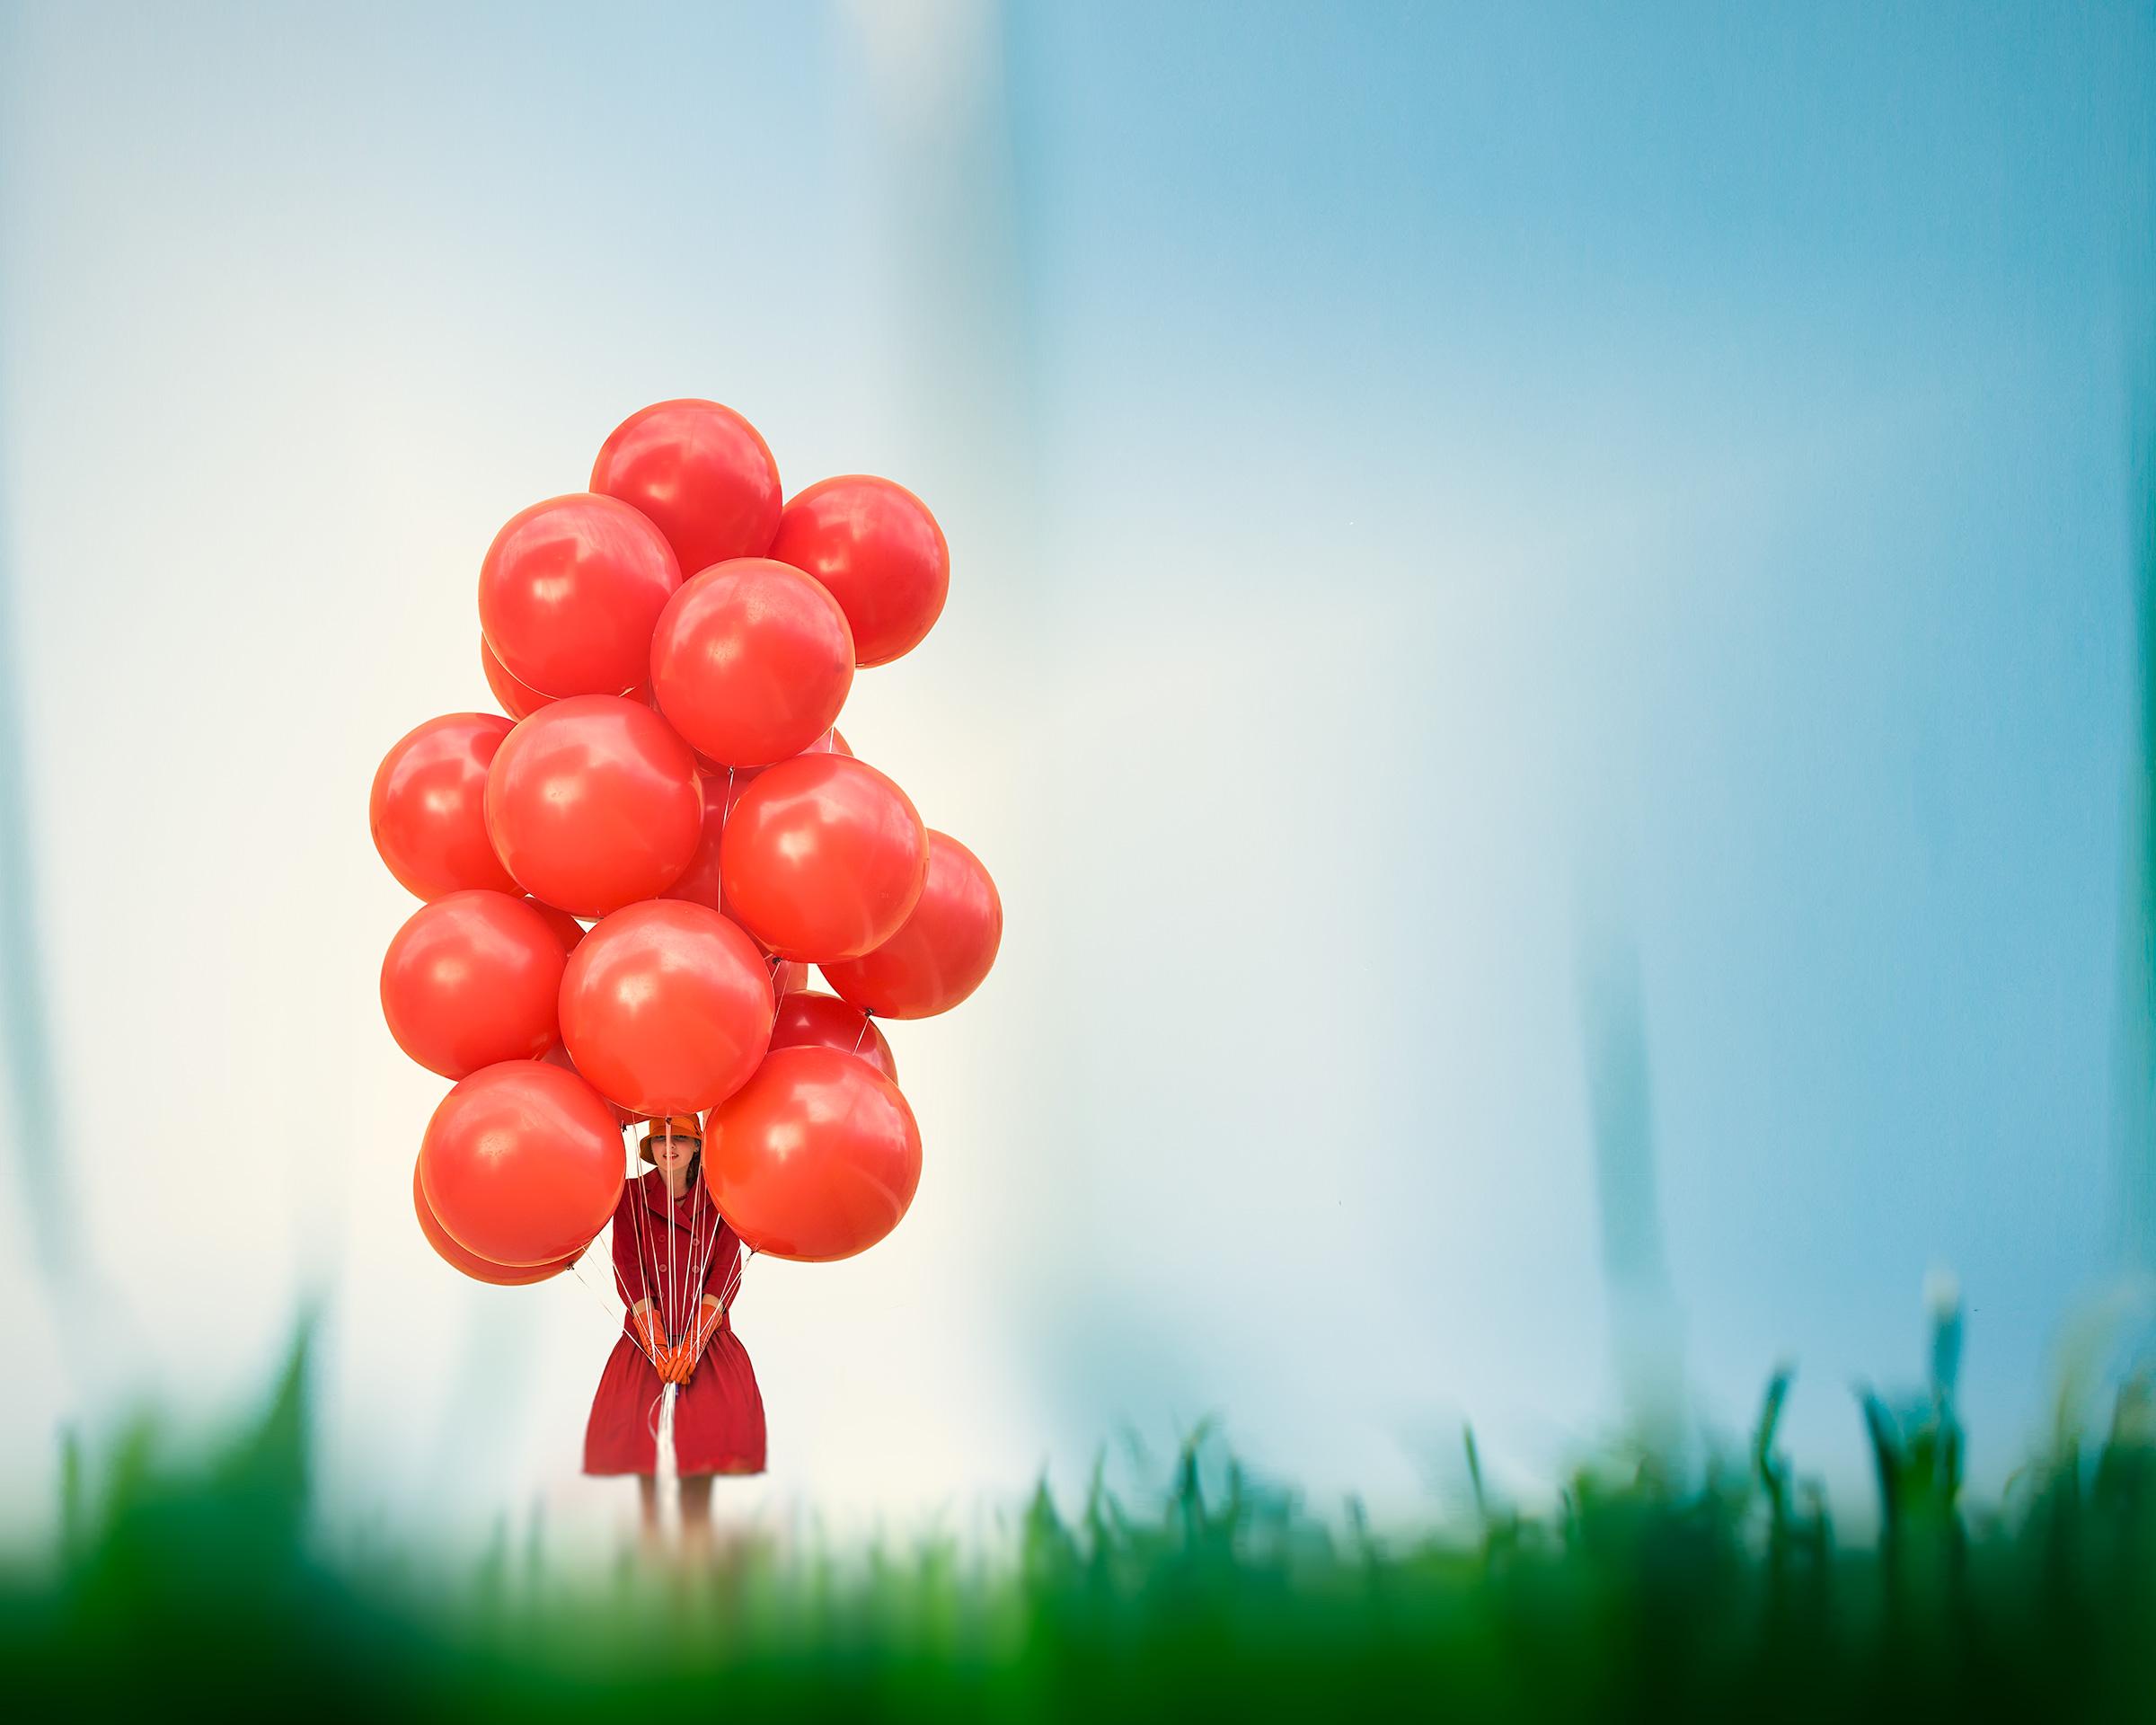 BalloonsOnLawn_C.jpg